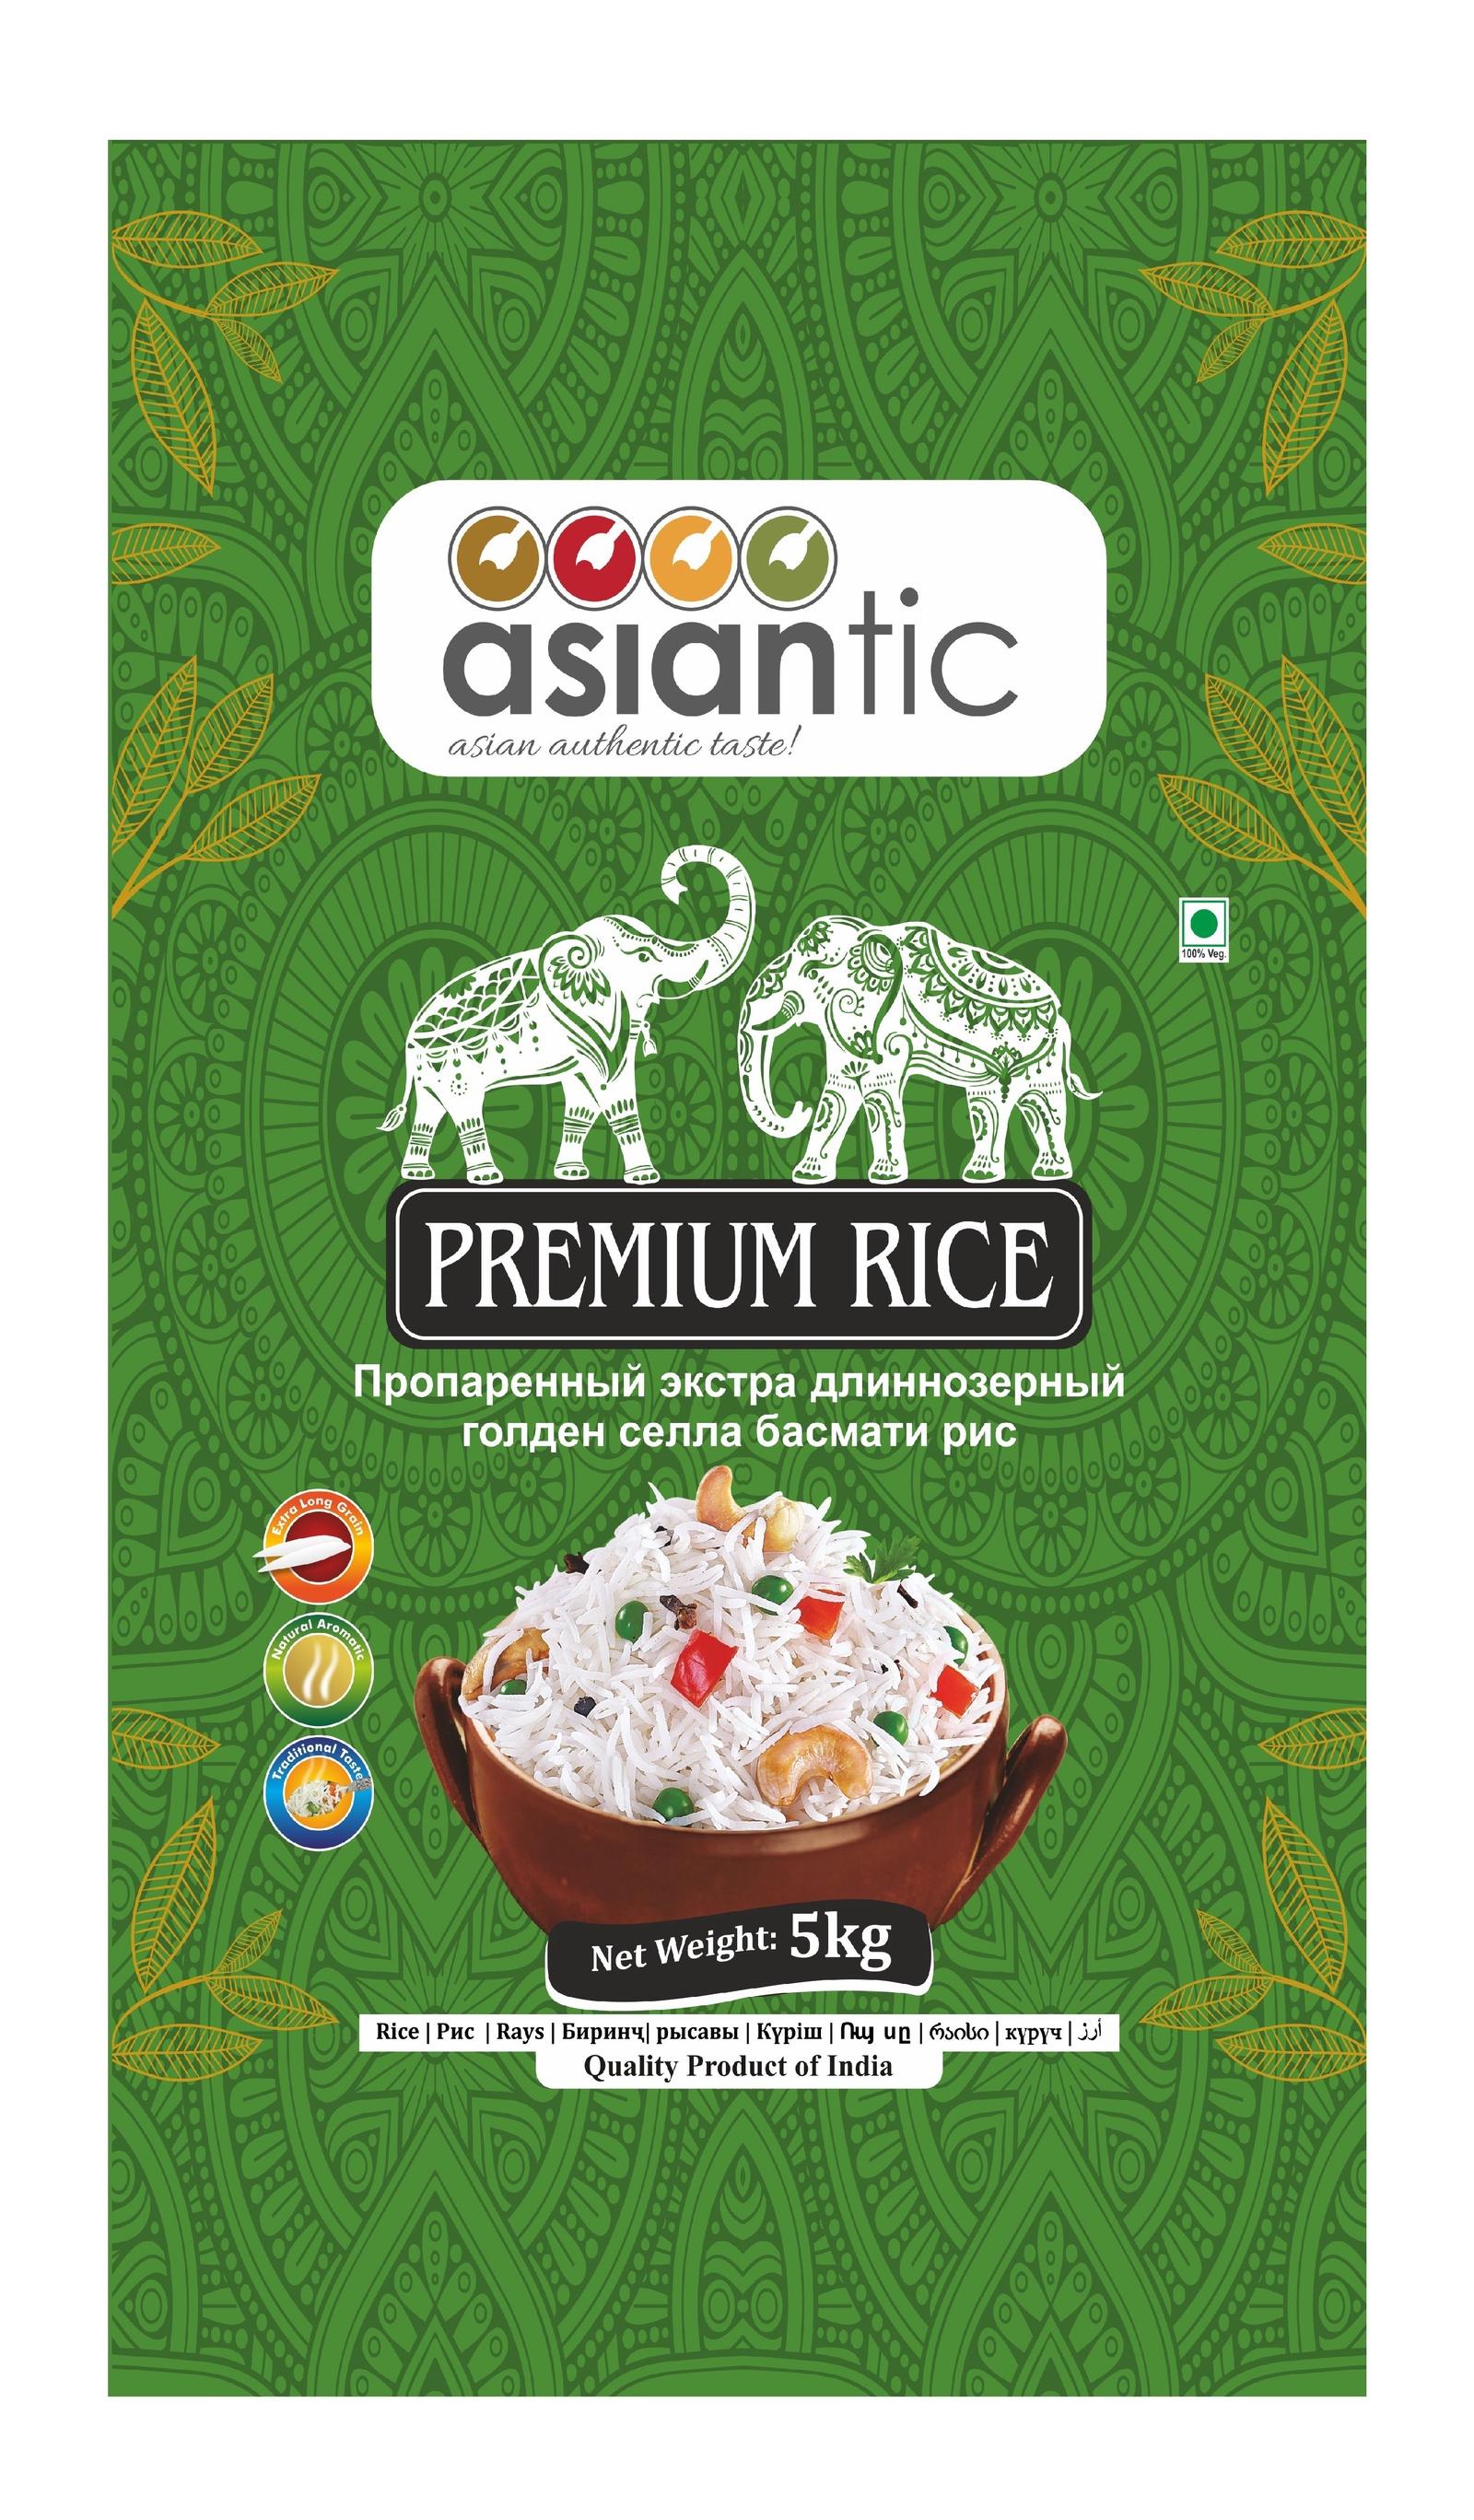 Asiantic - пропаренный длиннозерный голден селла басмати рис, 5кг